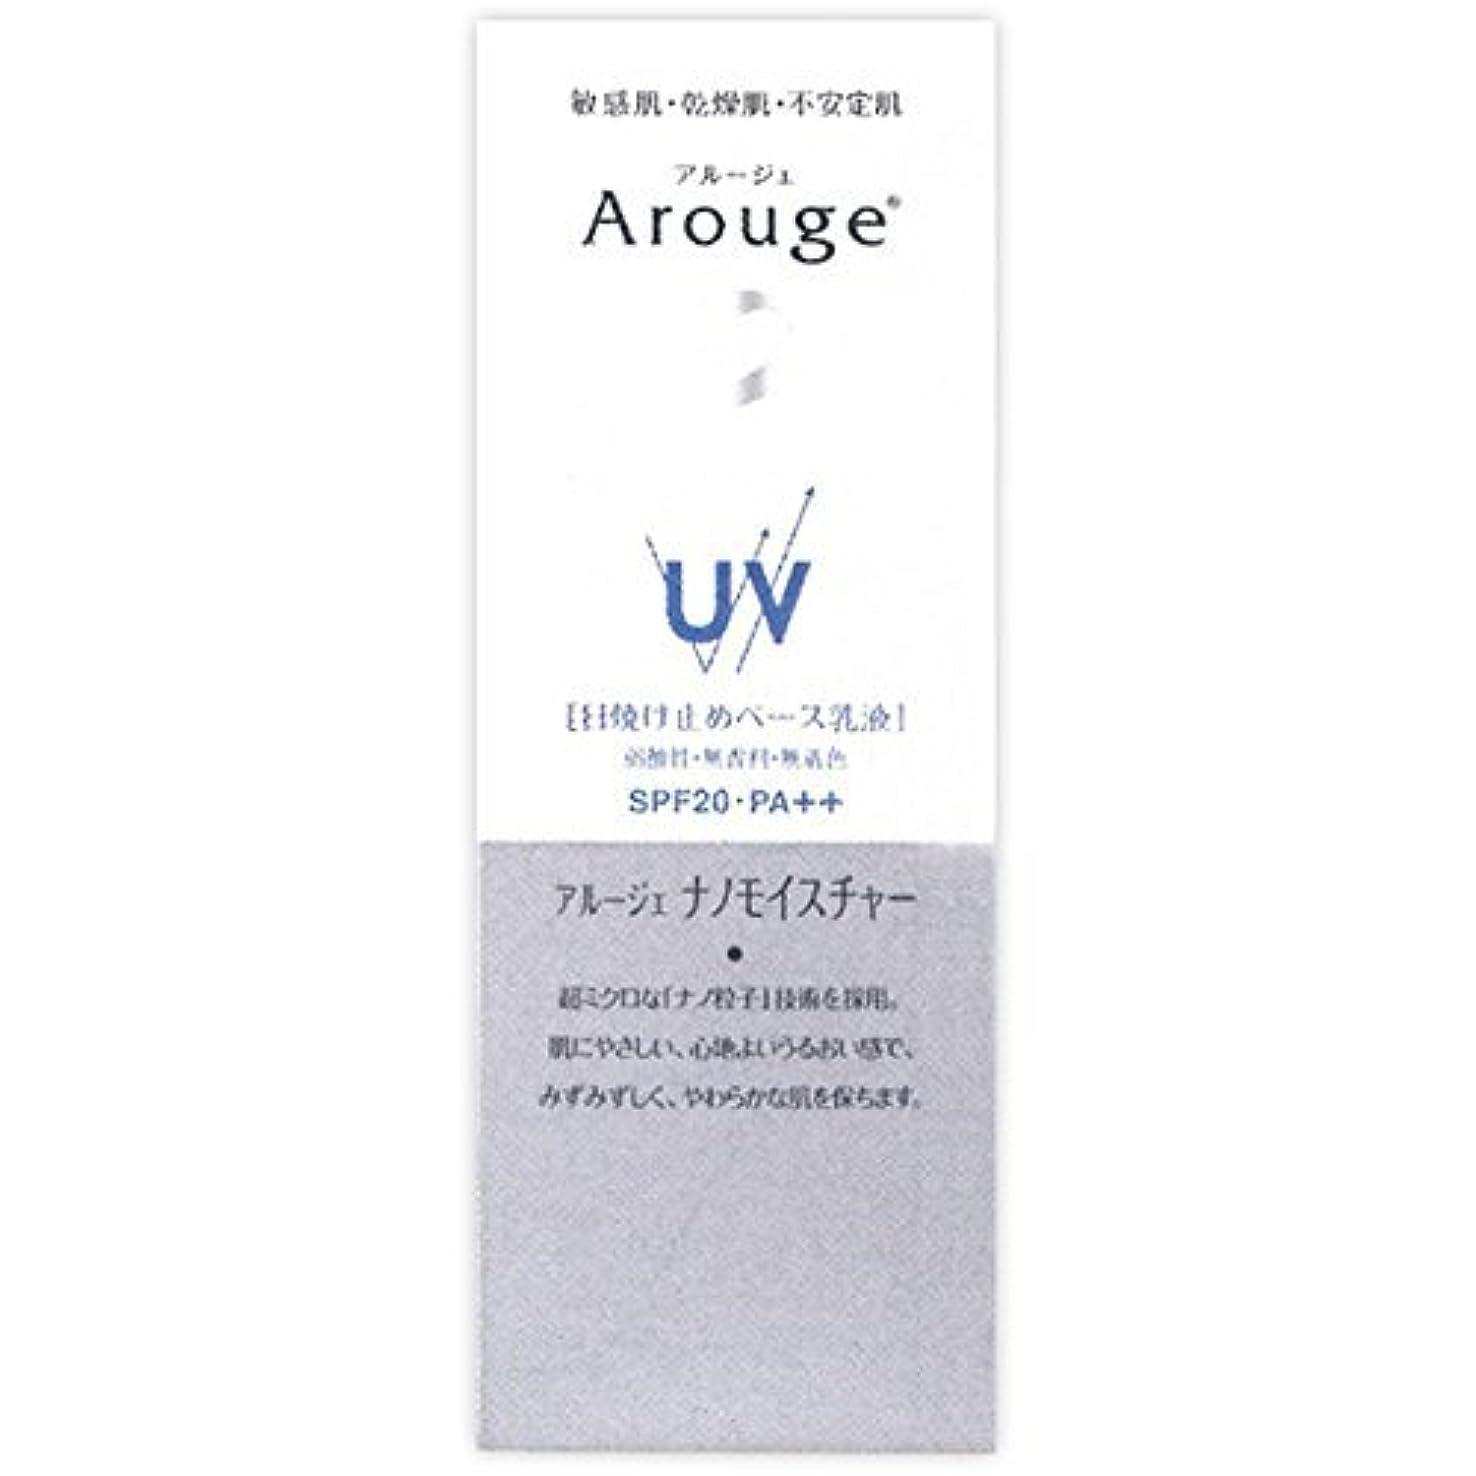 消えるかわす重なるアルージェ UV モイストビューティーアップ日焼け止めベース乳液25g (SPF20?PA++)